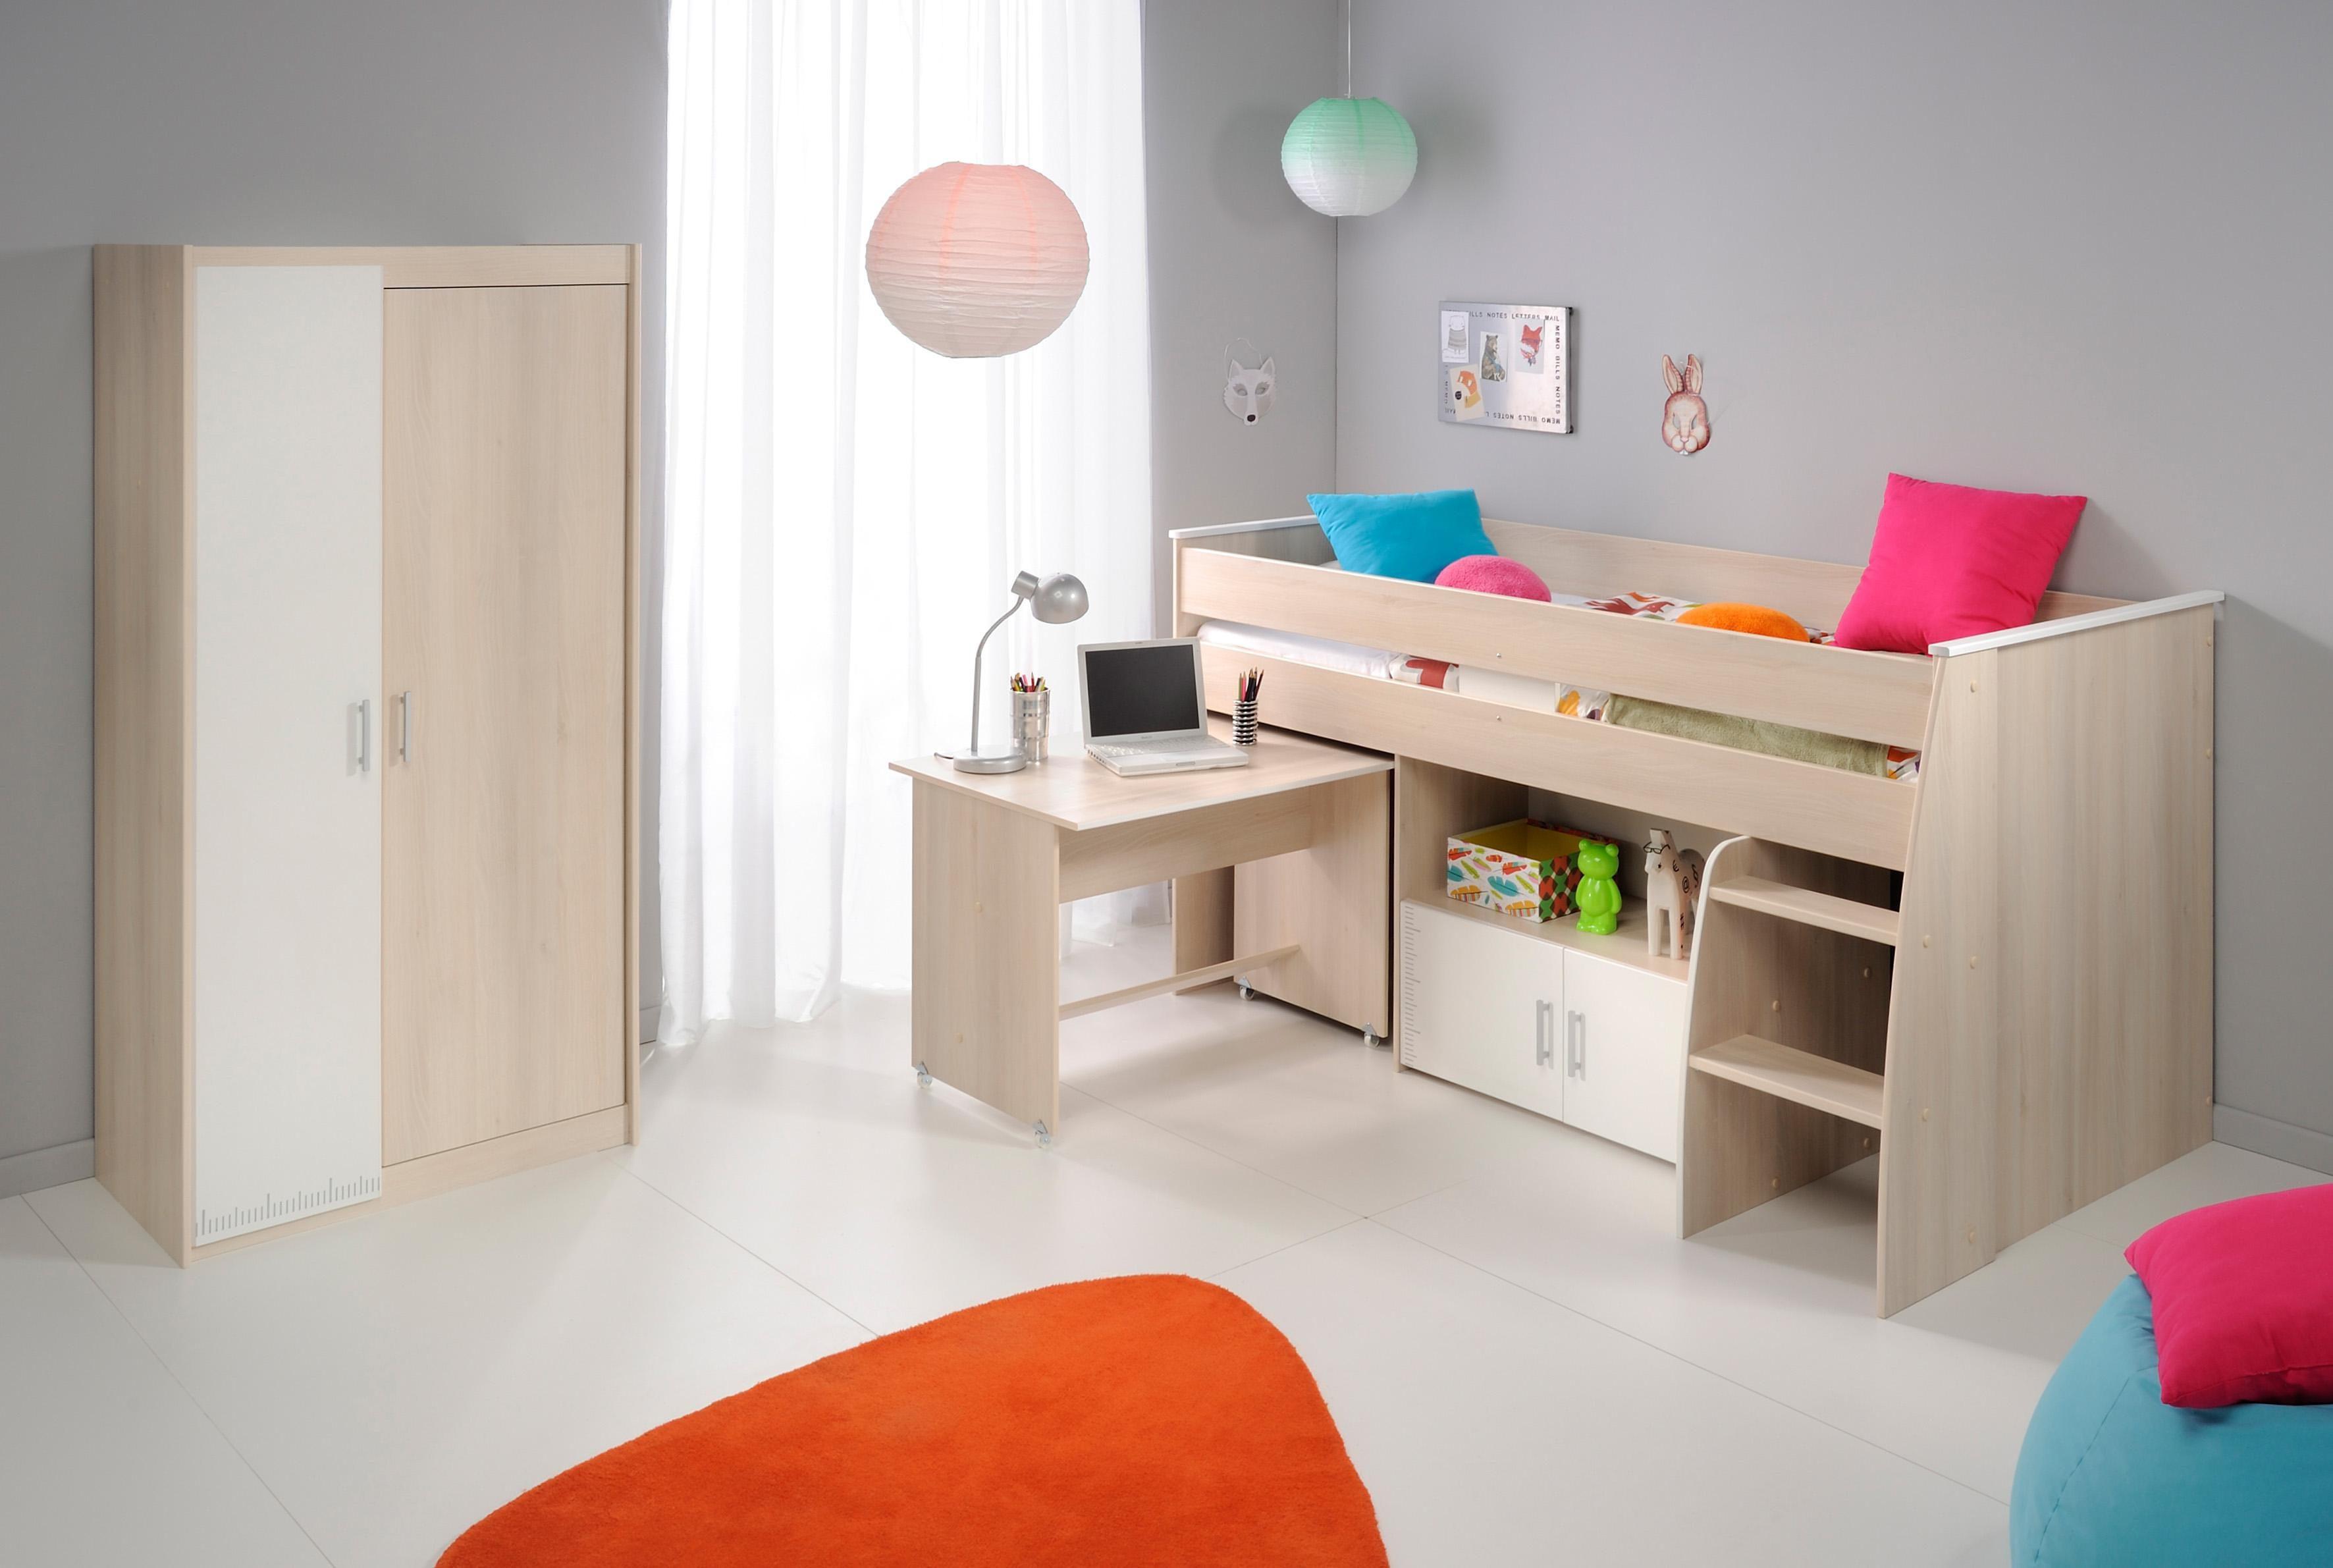 Parisot Jugendzimmer-Set »Charly« (Set, 3-tlg) | Kinderzimmer > Jugendzimmer > Komplett-Jugendzimmer | Parisot